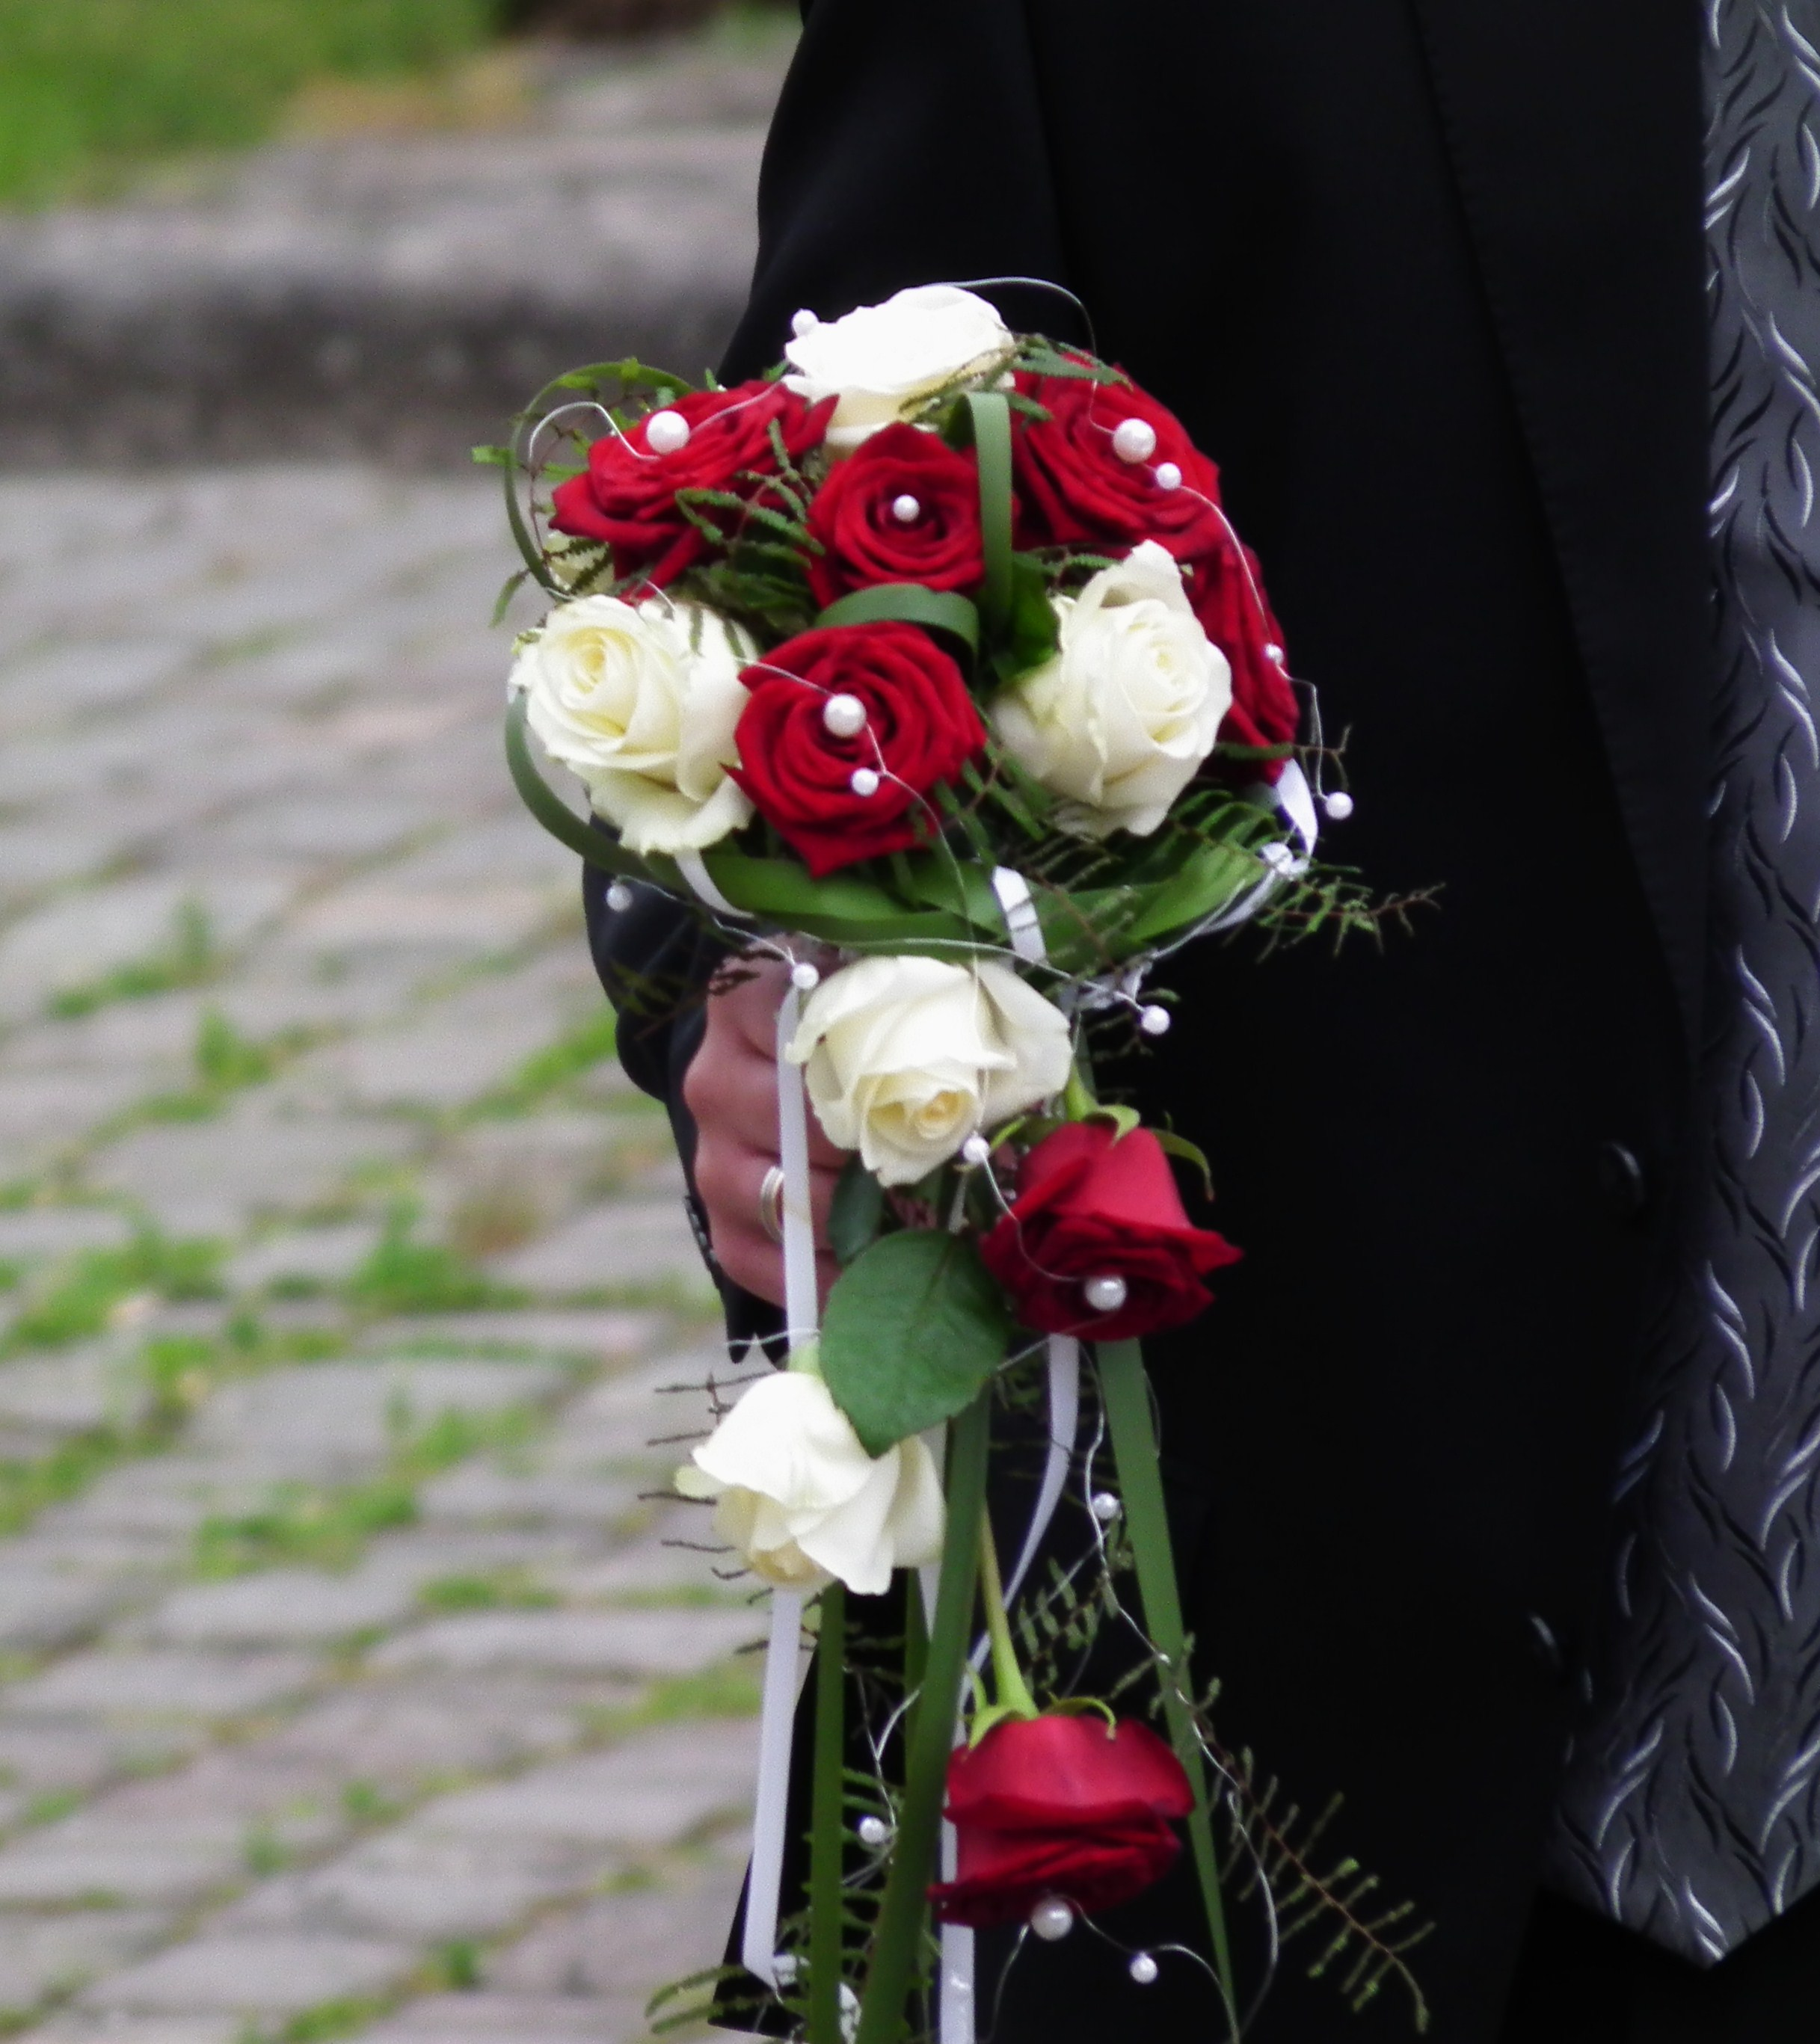 FileBrautstrau rote und weie RosenJPG  Wikimedia Commons